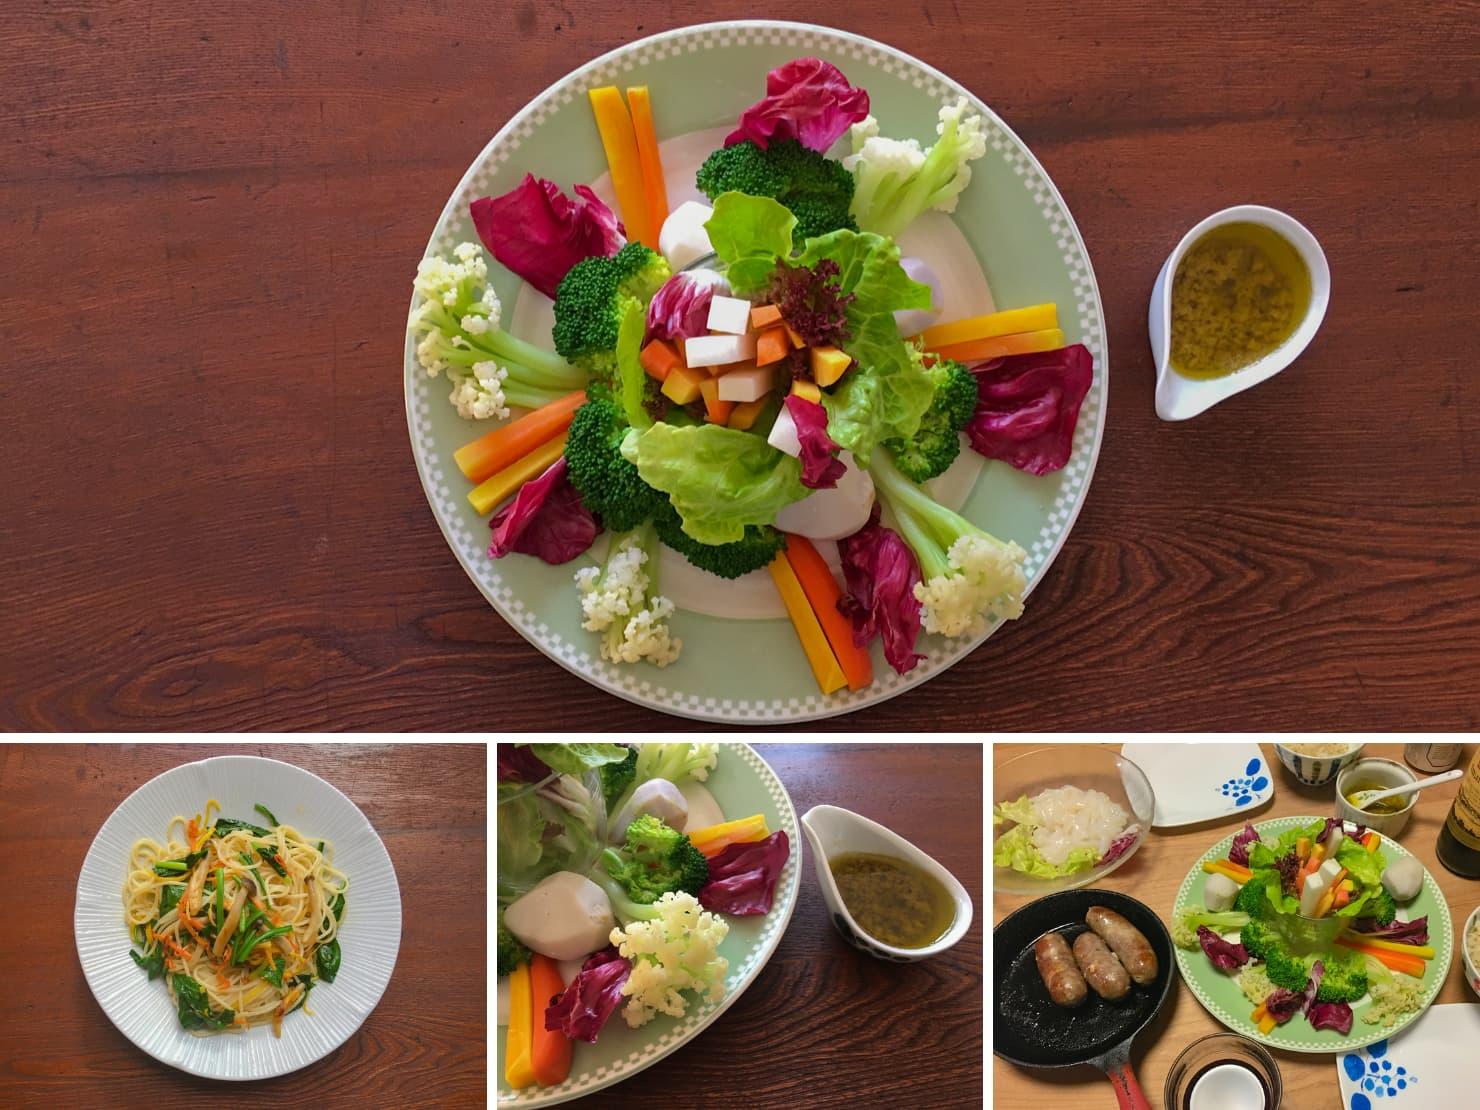 冬野菜のバーニャカウダとバーニャカウダソースのパスタの写真